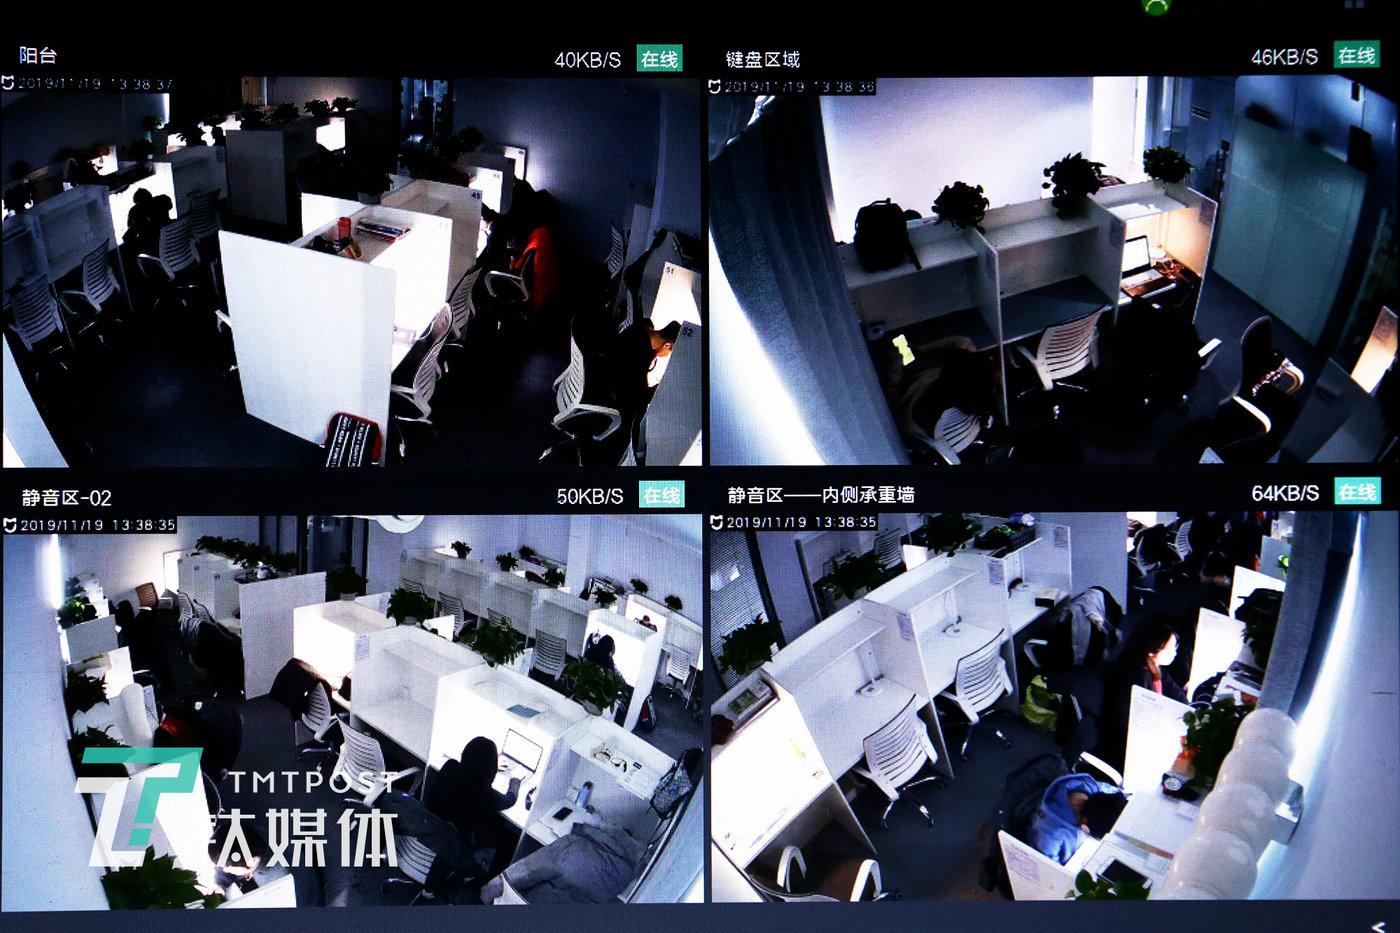 时分自习室监控画面。自习室约90平米,分为静音区、键盘区及公共区,静音区有43个位置、键盘区9个位置,公共区设有储物柜和餐桌。